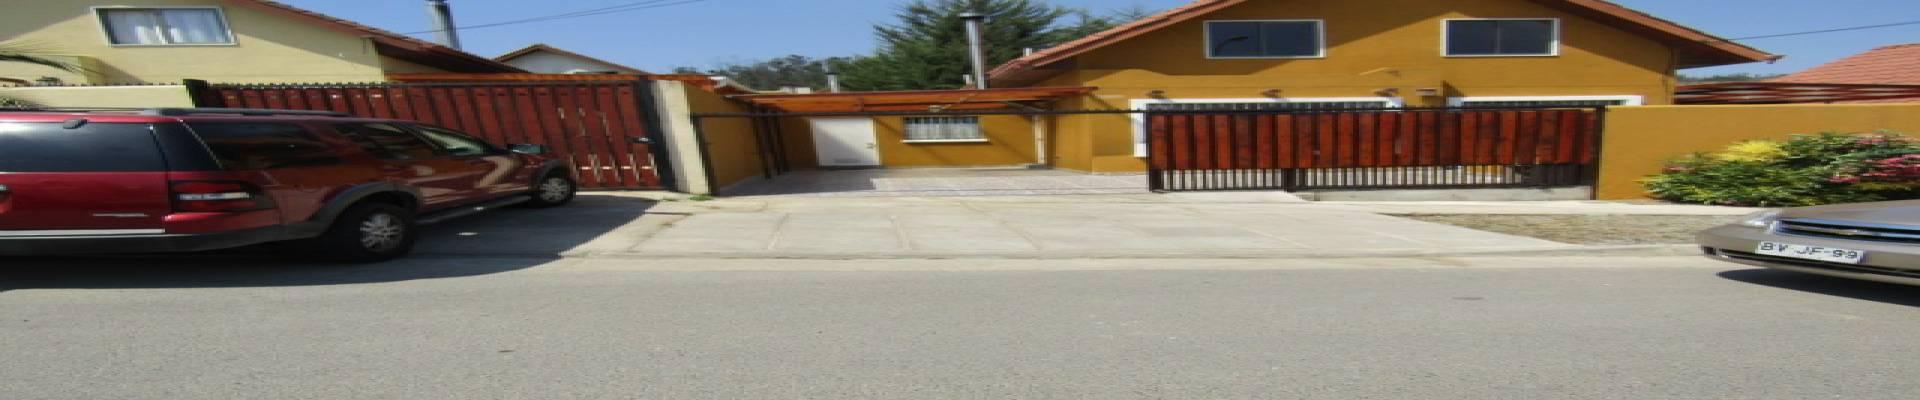 IMPERDIBLE! VER INFO...,4 Bedrooms Bedrooms,2 BathroomsBathrooms,Casas,Los Torreones del Carmen,6164